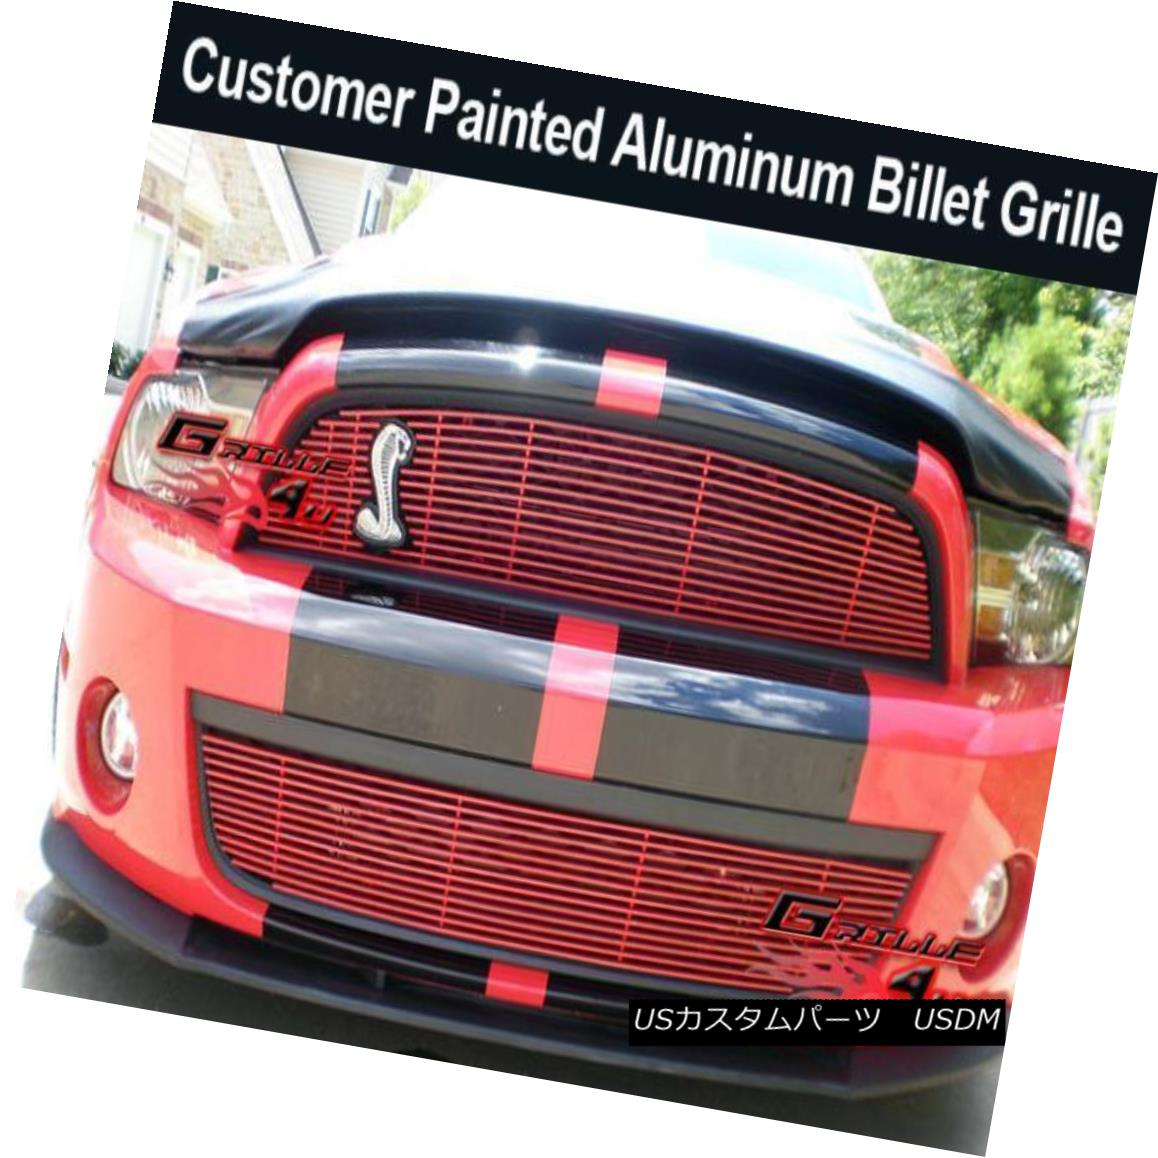 グリル Fits 10-11 Ford Mustang Shelby GT500 Billet Grille Combo フィット10-11フォードマスタングシェルビーGT500ビレットグリルコンボ